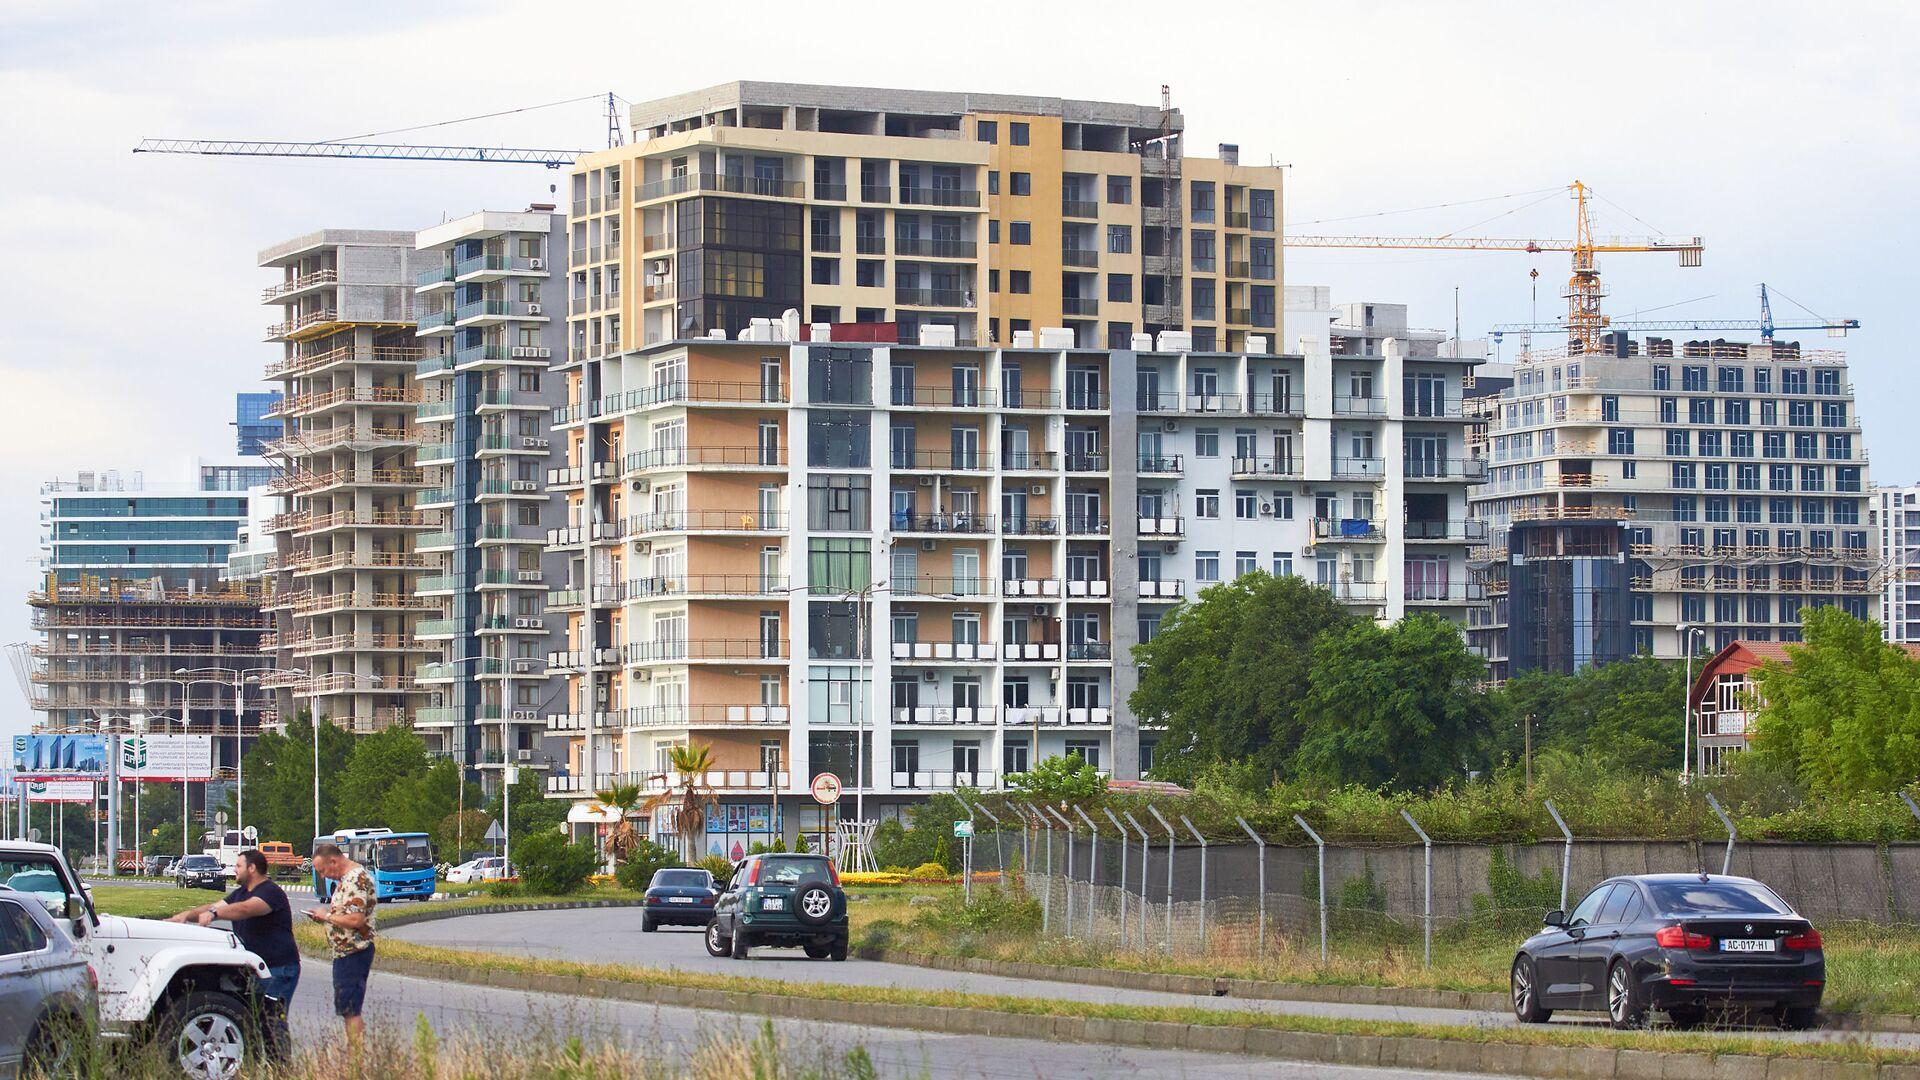 Строительство новых жилых домов на первой линии в Батуми - Sputnik Грузия, 1920, 24.09.2021